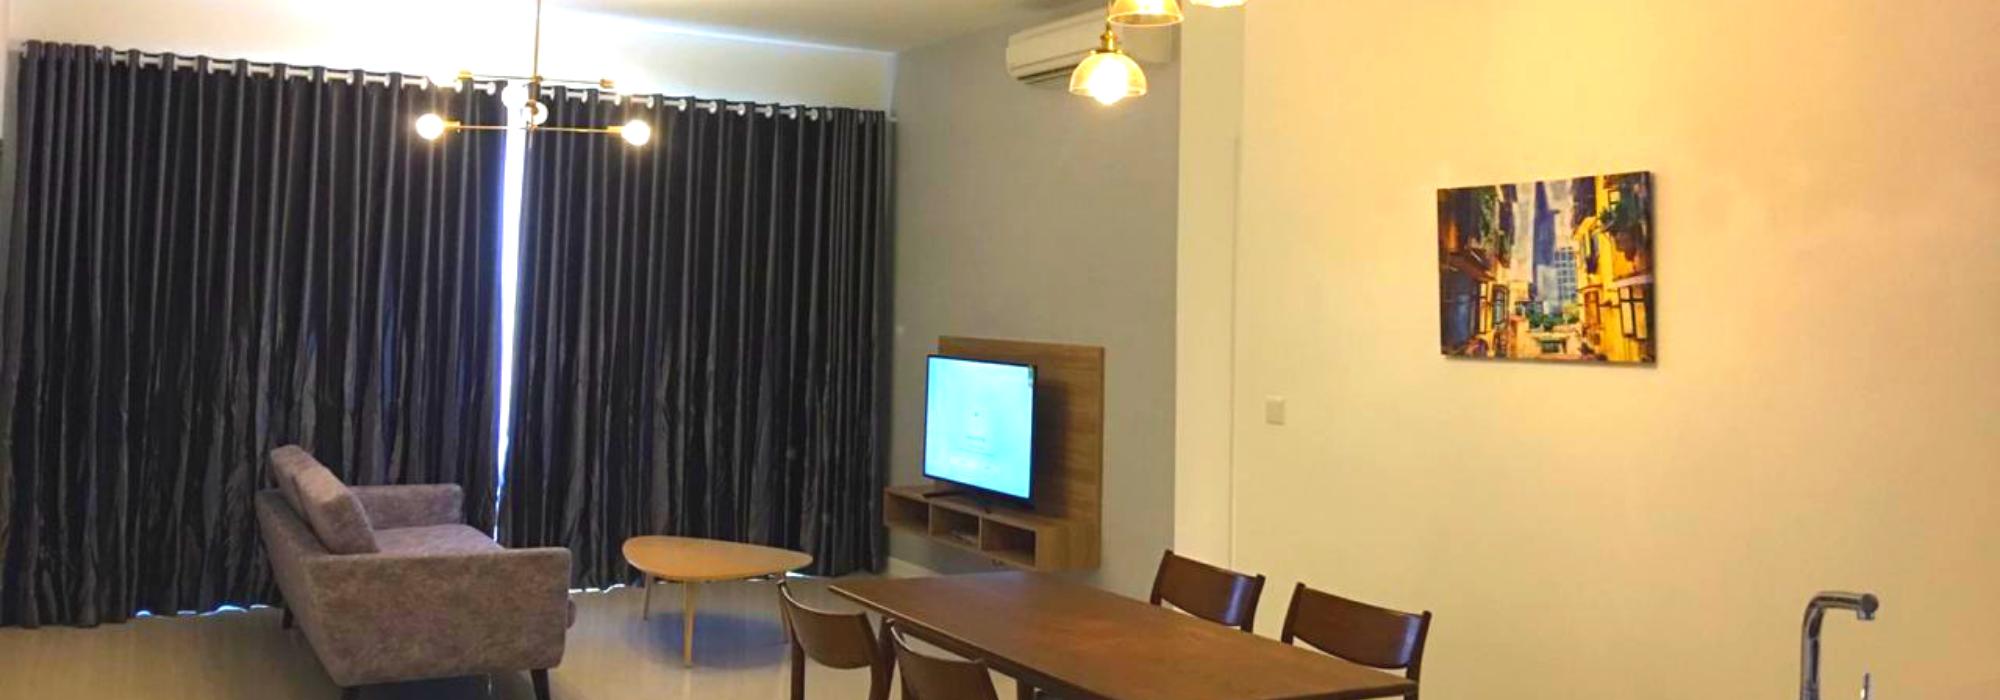 Estella Height – cho thuê căn hộ 3 phòng ngủ ấm cúng